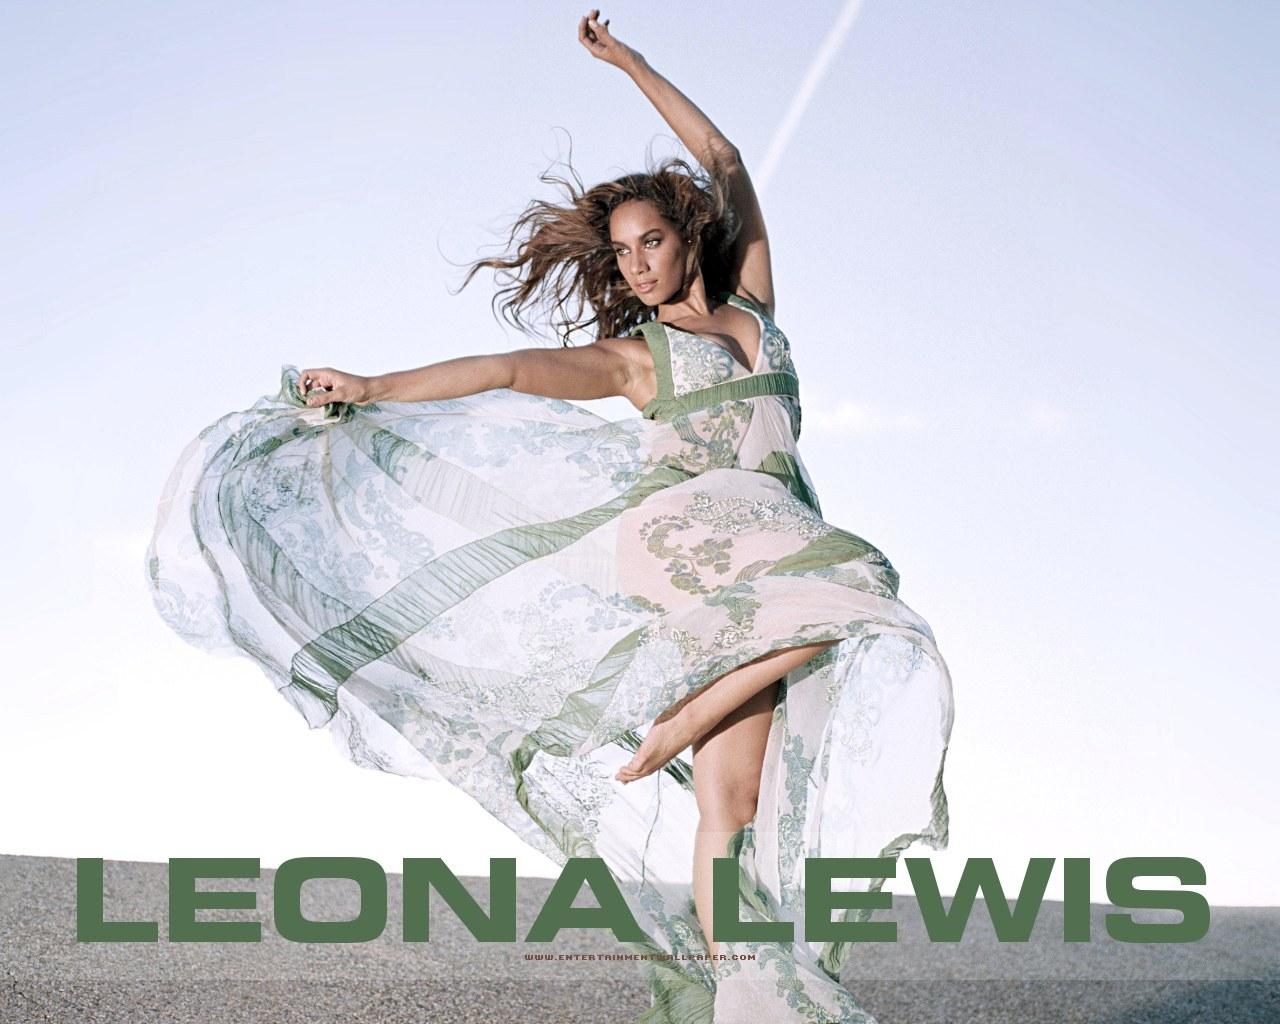 http://3.bp.blogspot.com/_ZRj5nlc3sp8/S9ro7r3kXKI/AAAAAAAACB8/_I9q8bzBJv8/s1600/Leona+Lewis+Fantastic+wallpapers+3.jpg